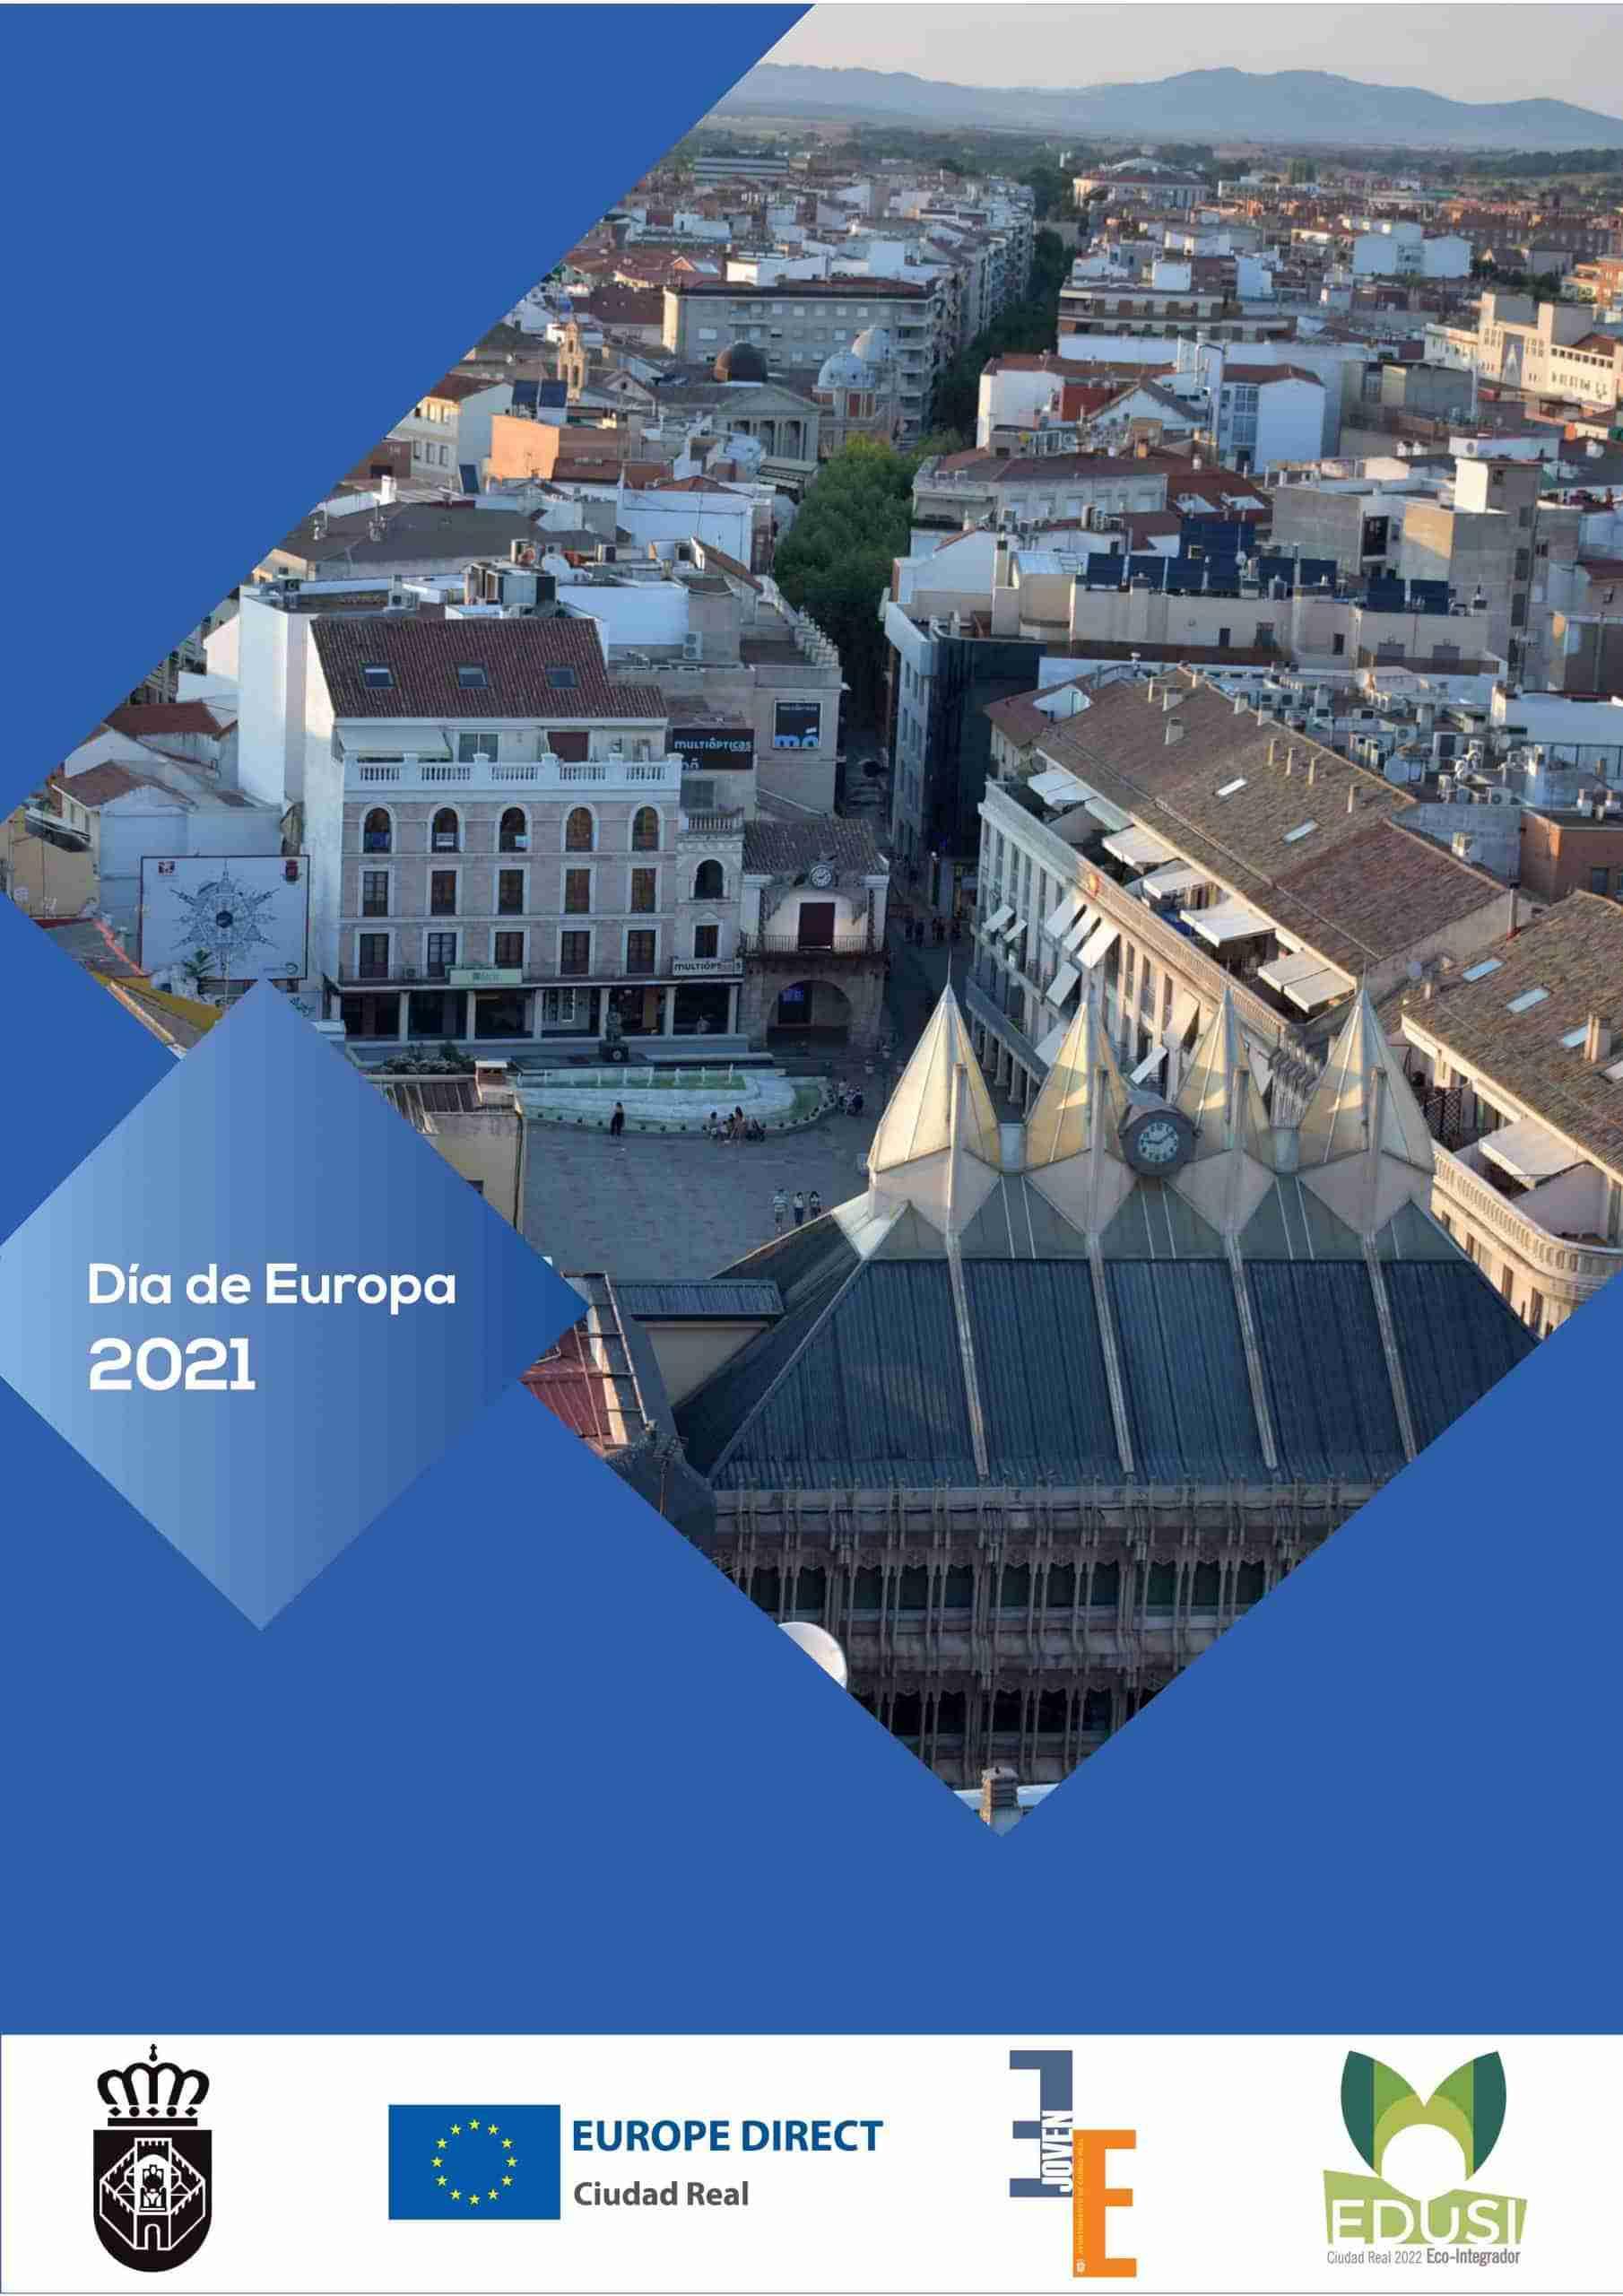 Ciudad Real conmemora el Día de Europa con varias actividades culturales y educativas 5